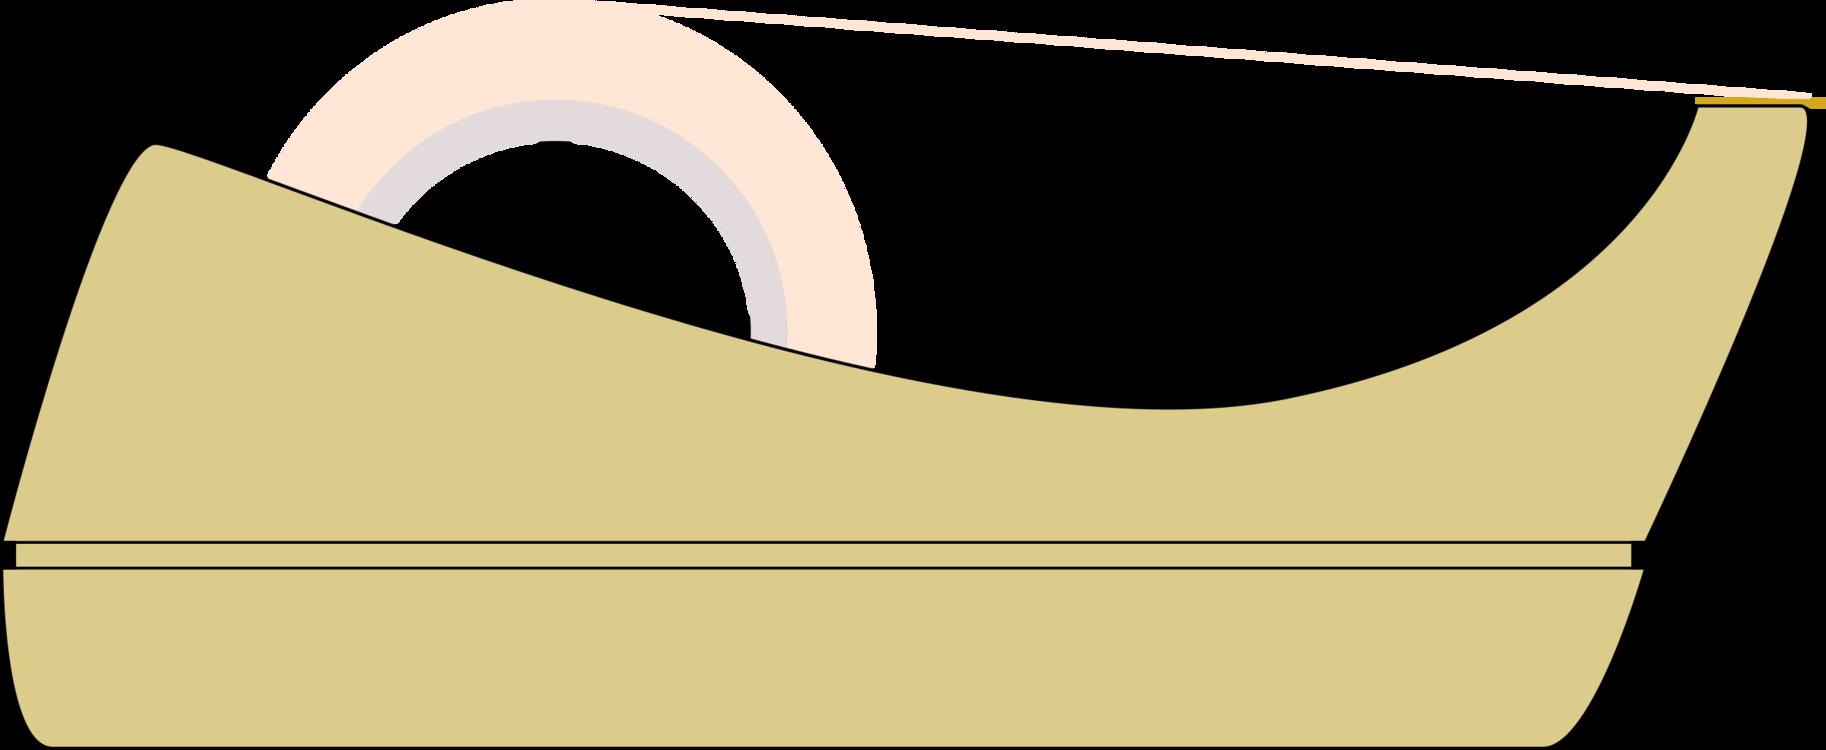 Angle,Area,Yellow